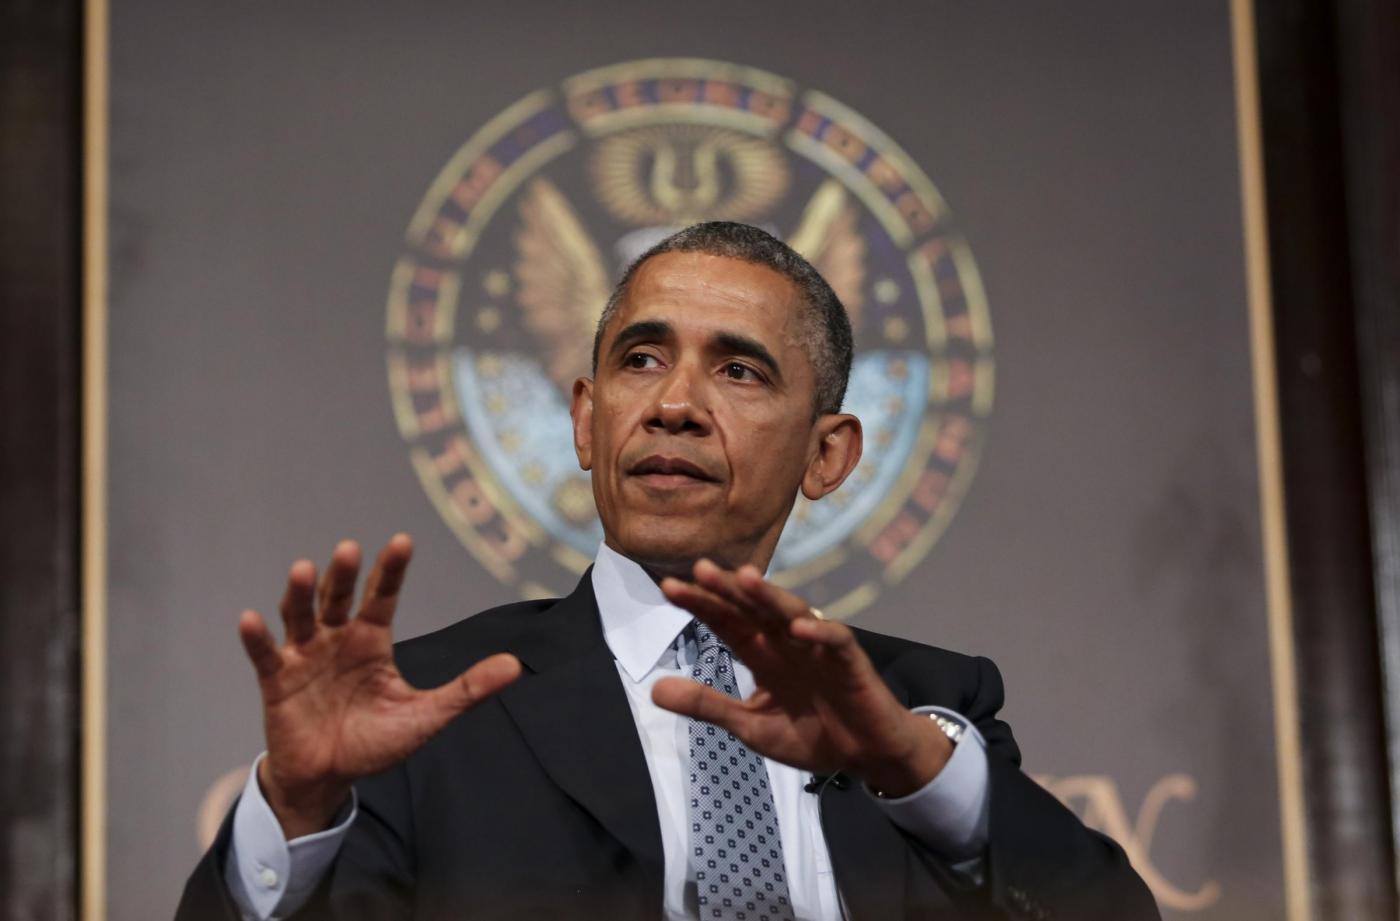 Strategia USA contro Isis: così Obama vuole sconfiggere gli integralisti